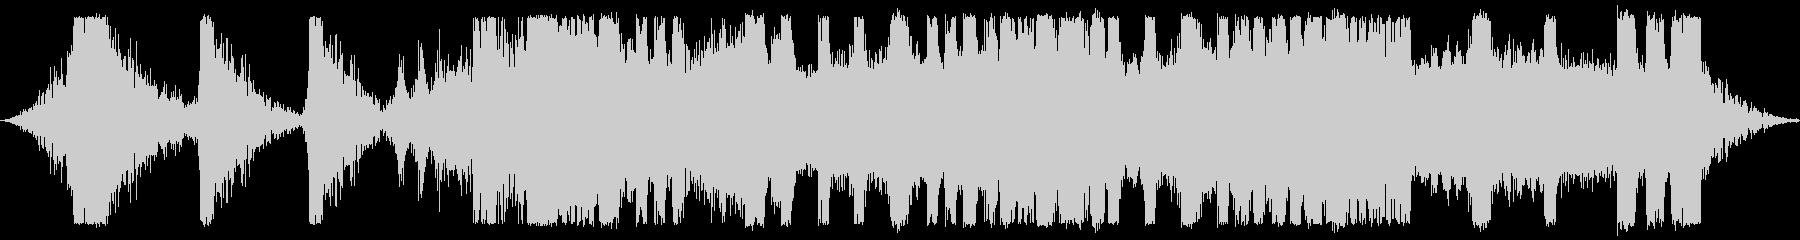 MADなシーンの演出系BGMの未再生の波形